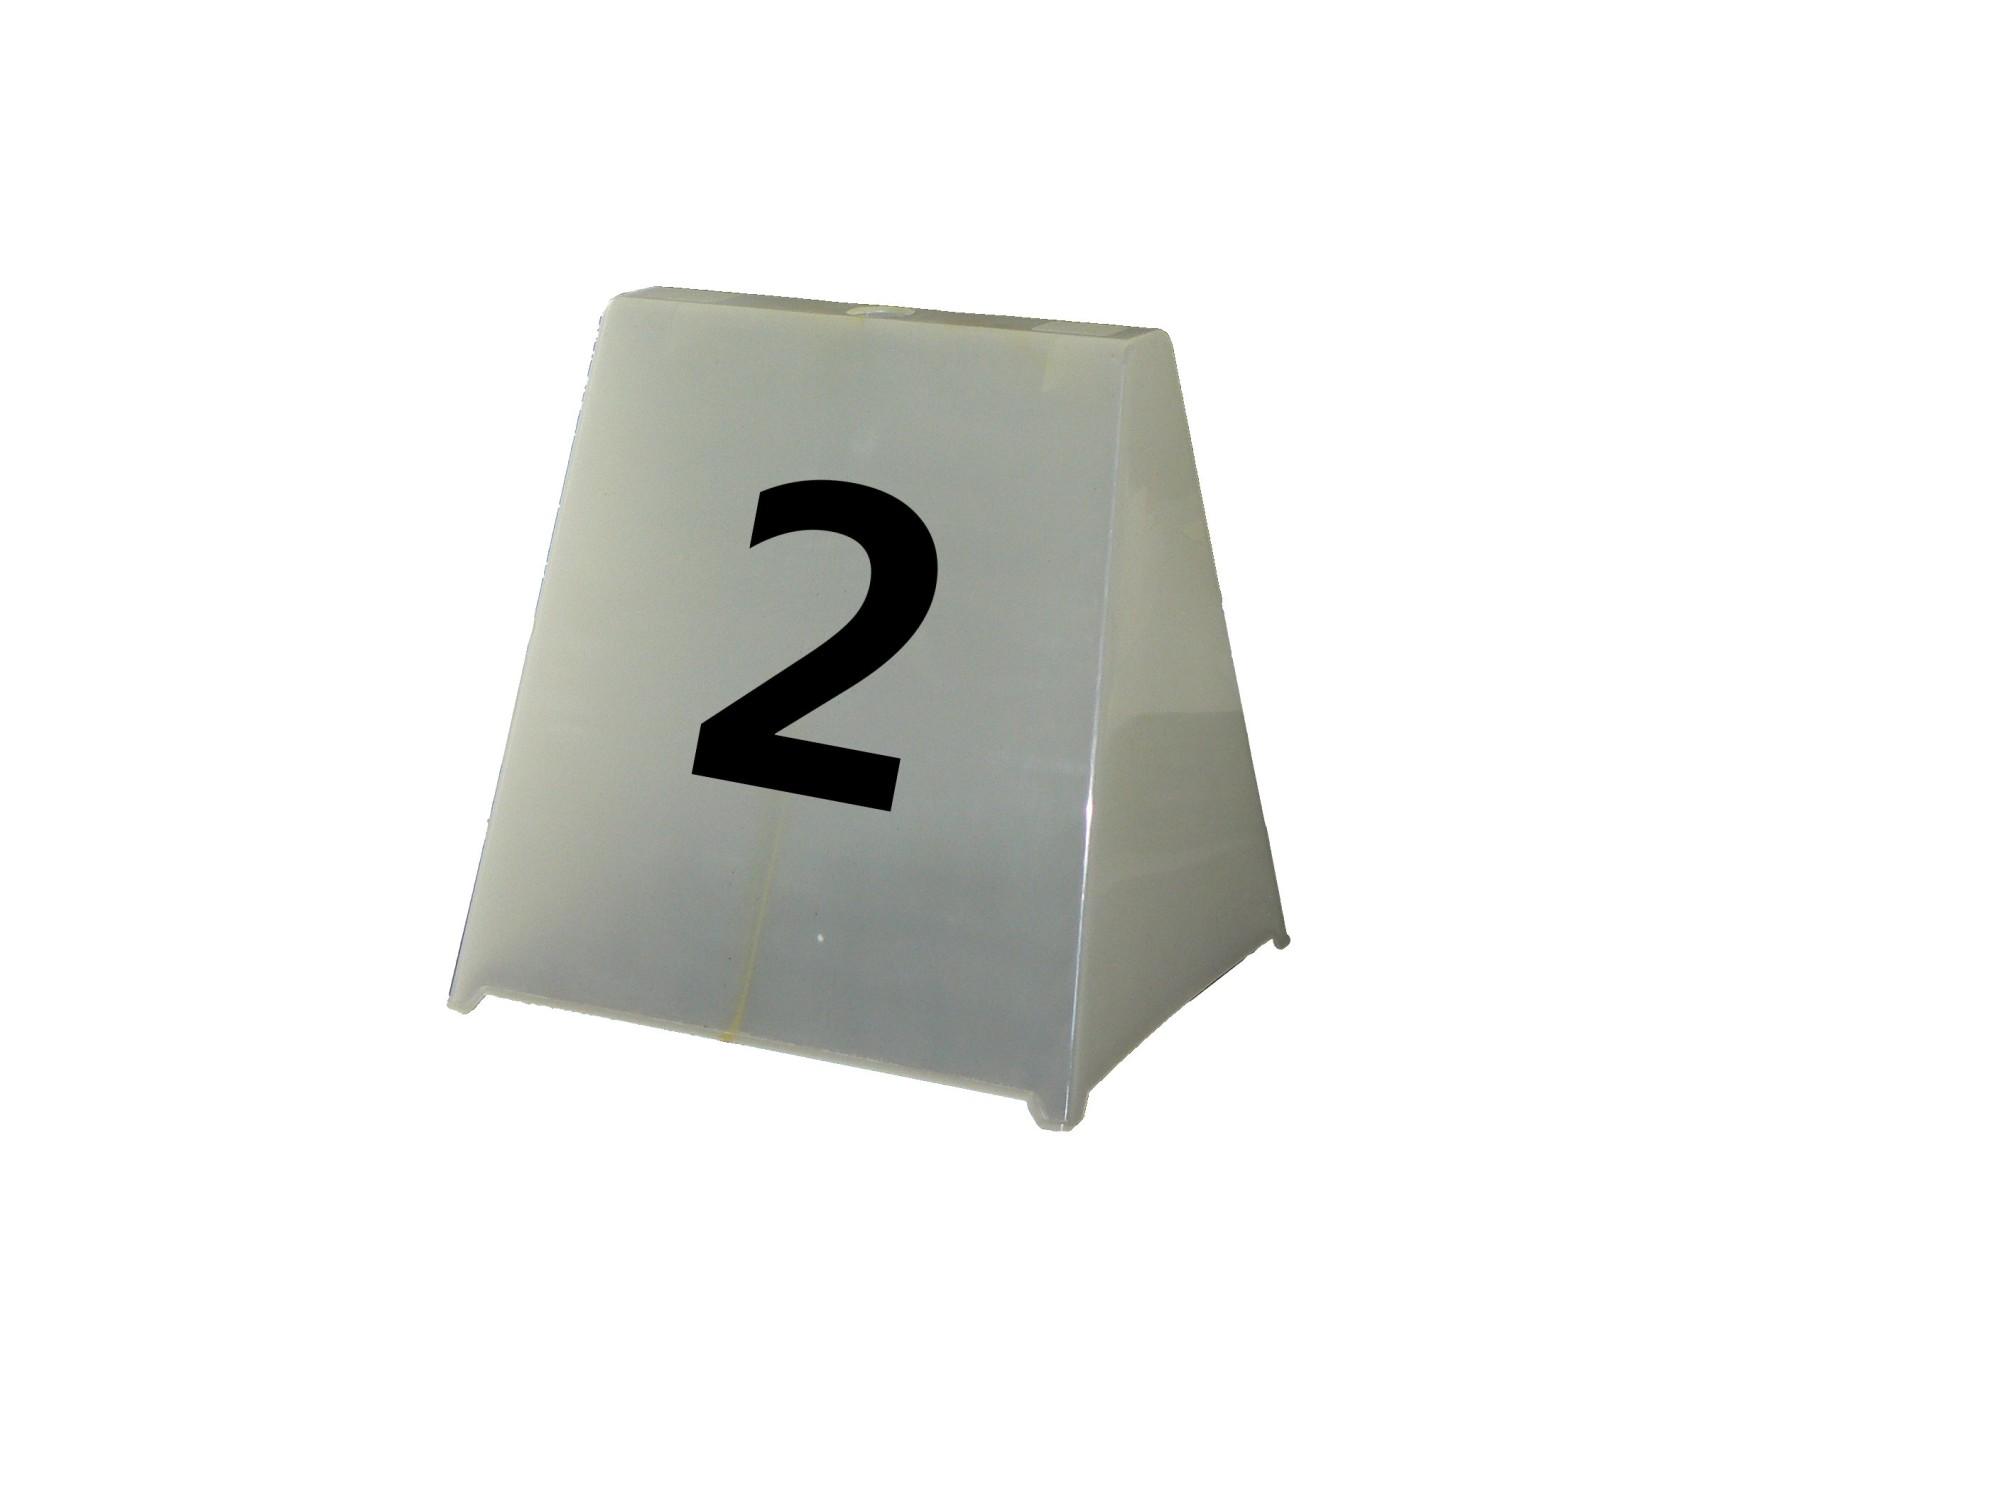 trapez h tchen in weiss 29 x 32 cm zubeh r springsport pferdesport reitsport. Black Bedroom Furniture Sets. Home Design Ideas